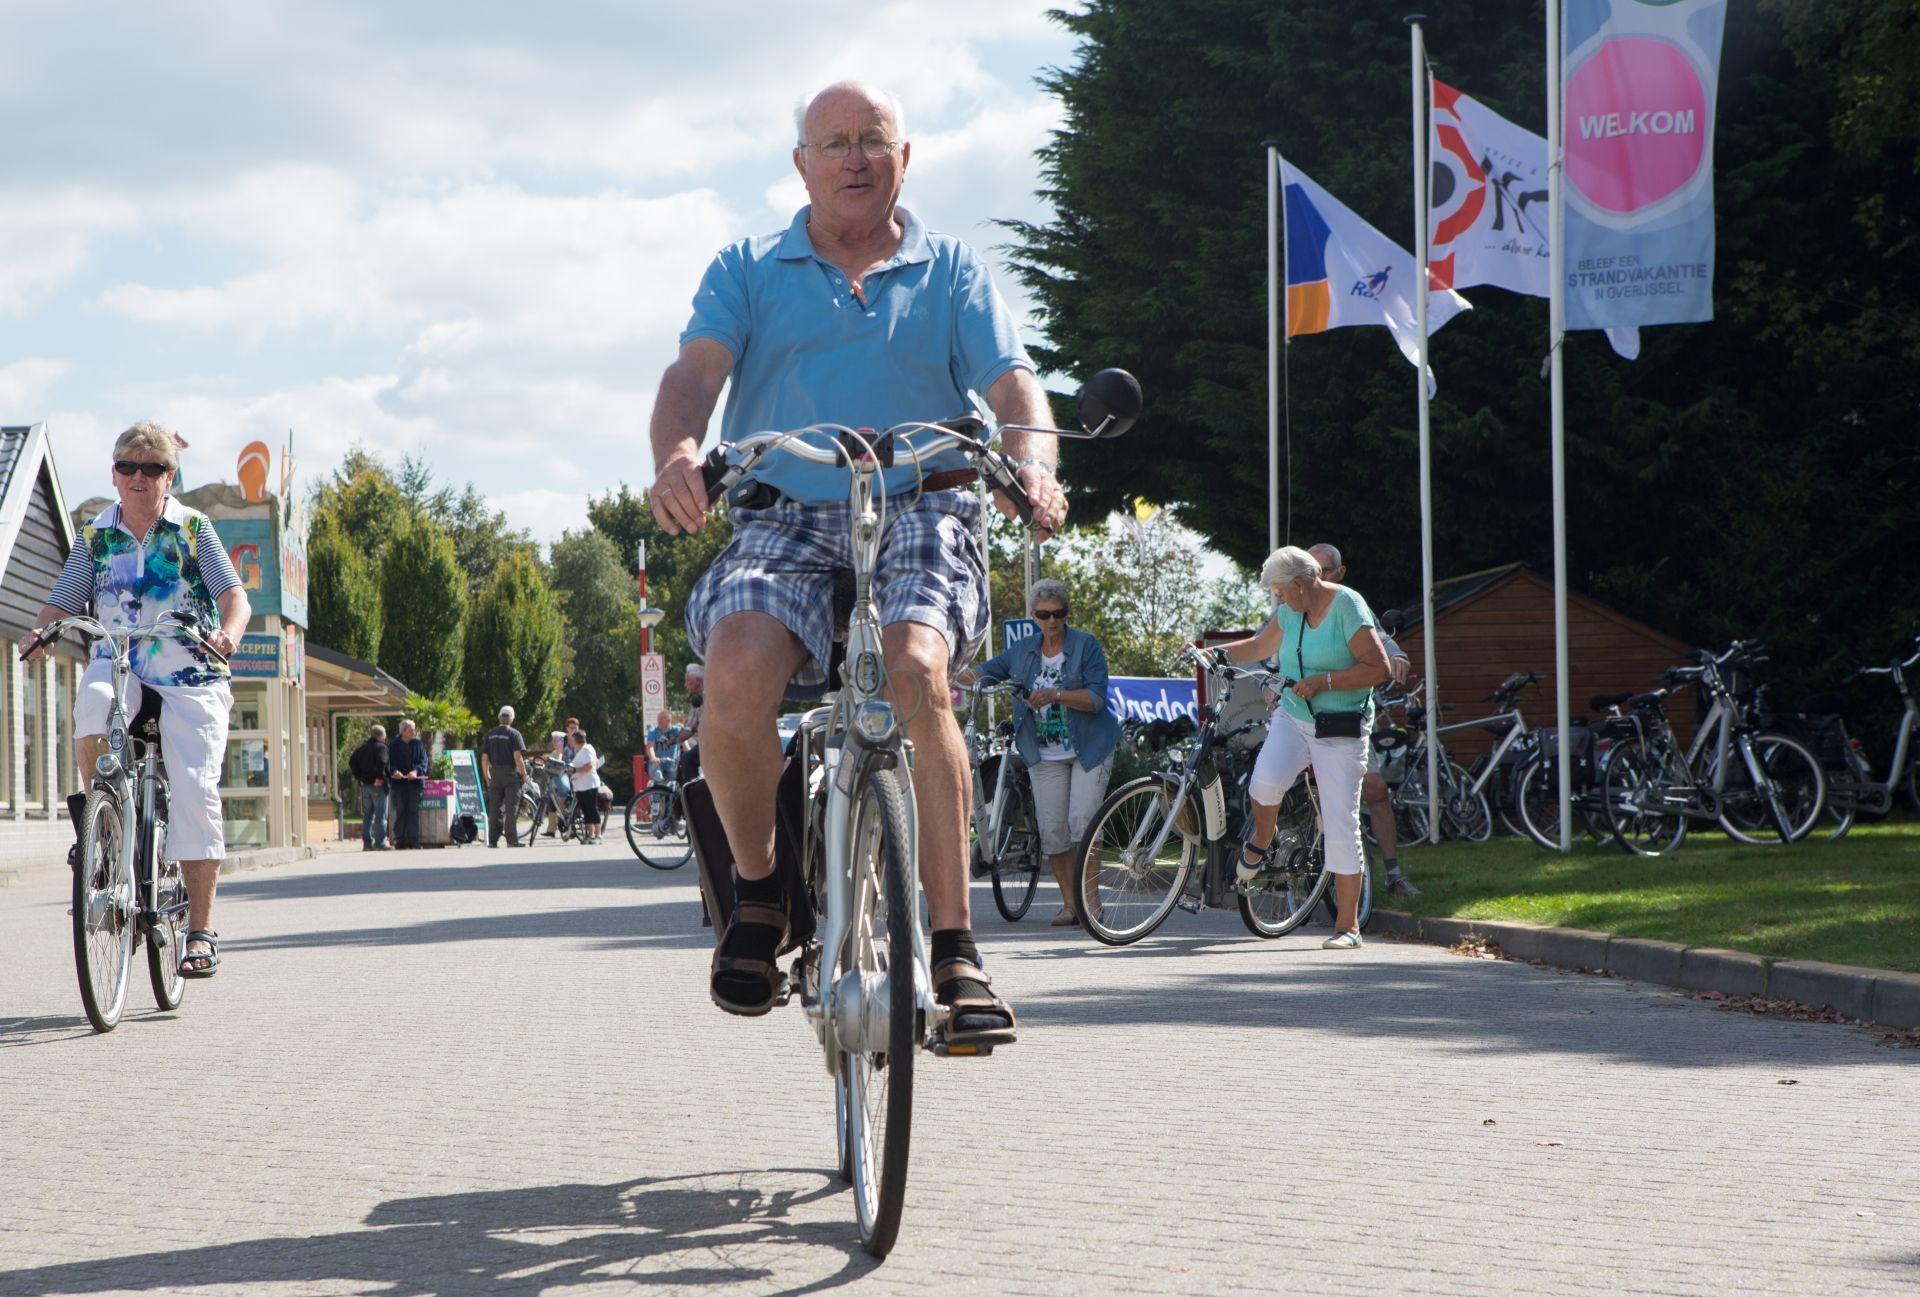 Fietsvakantie in Overijssel op een 5 sterren camping - fietsvakantie in Overijssel